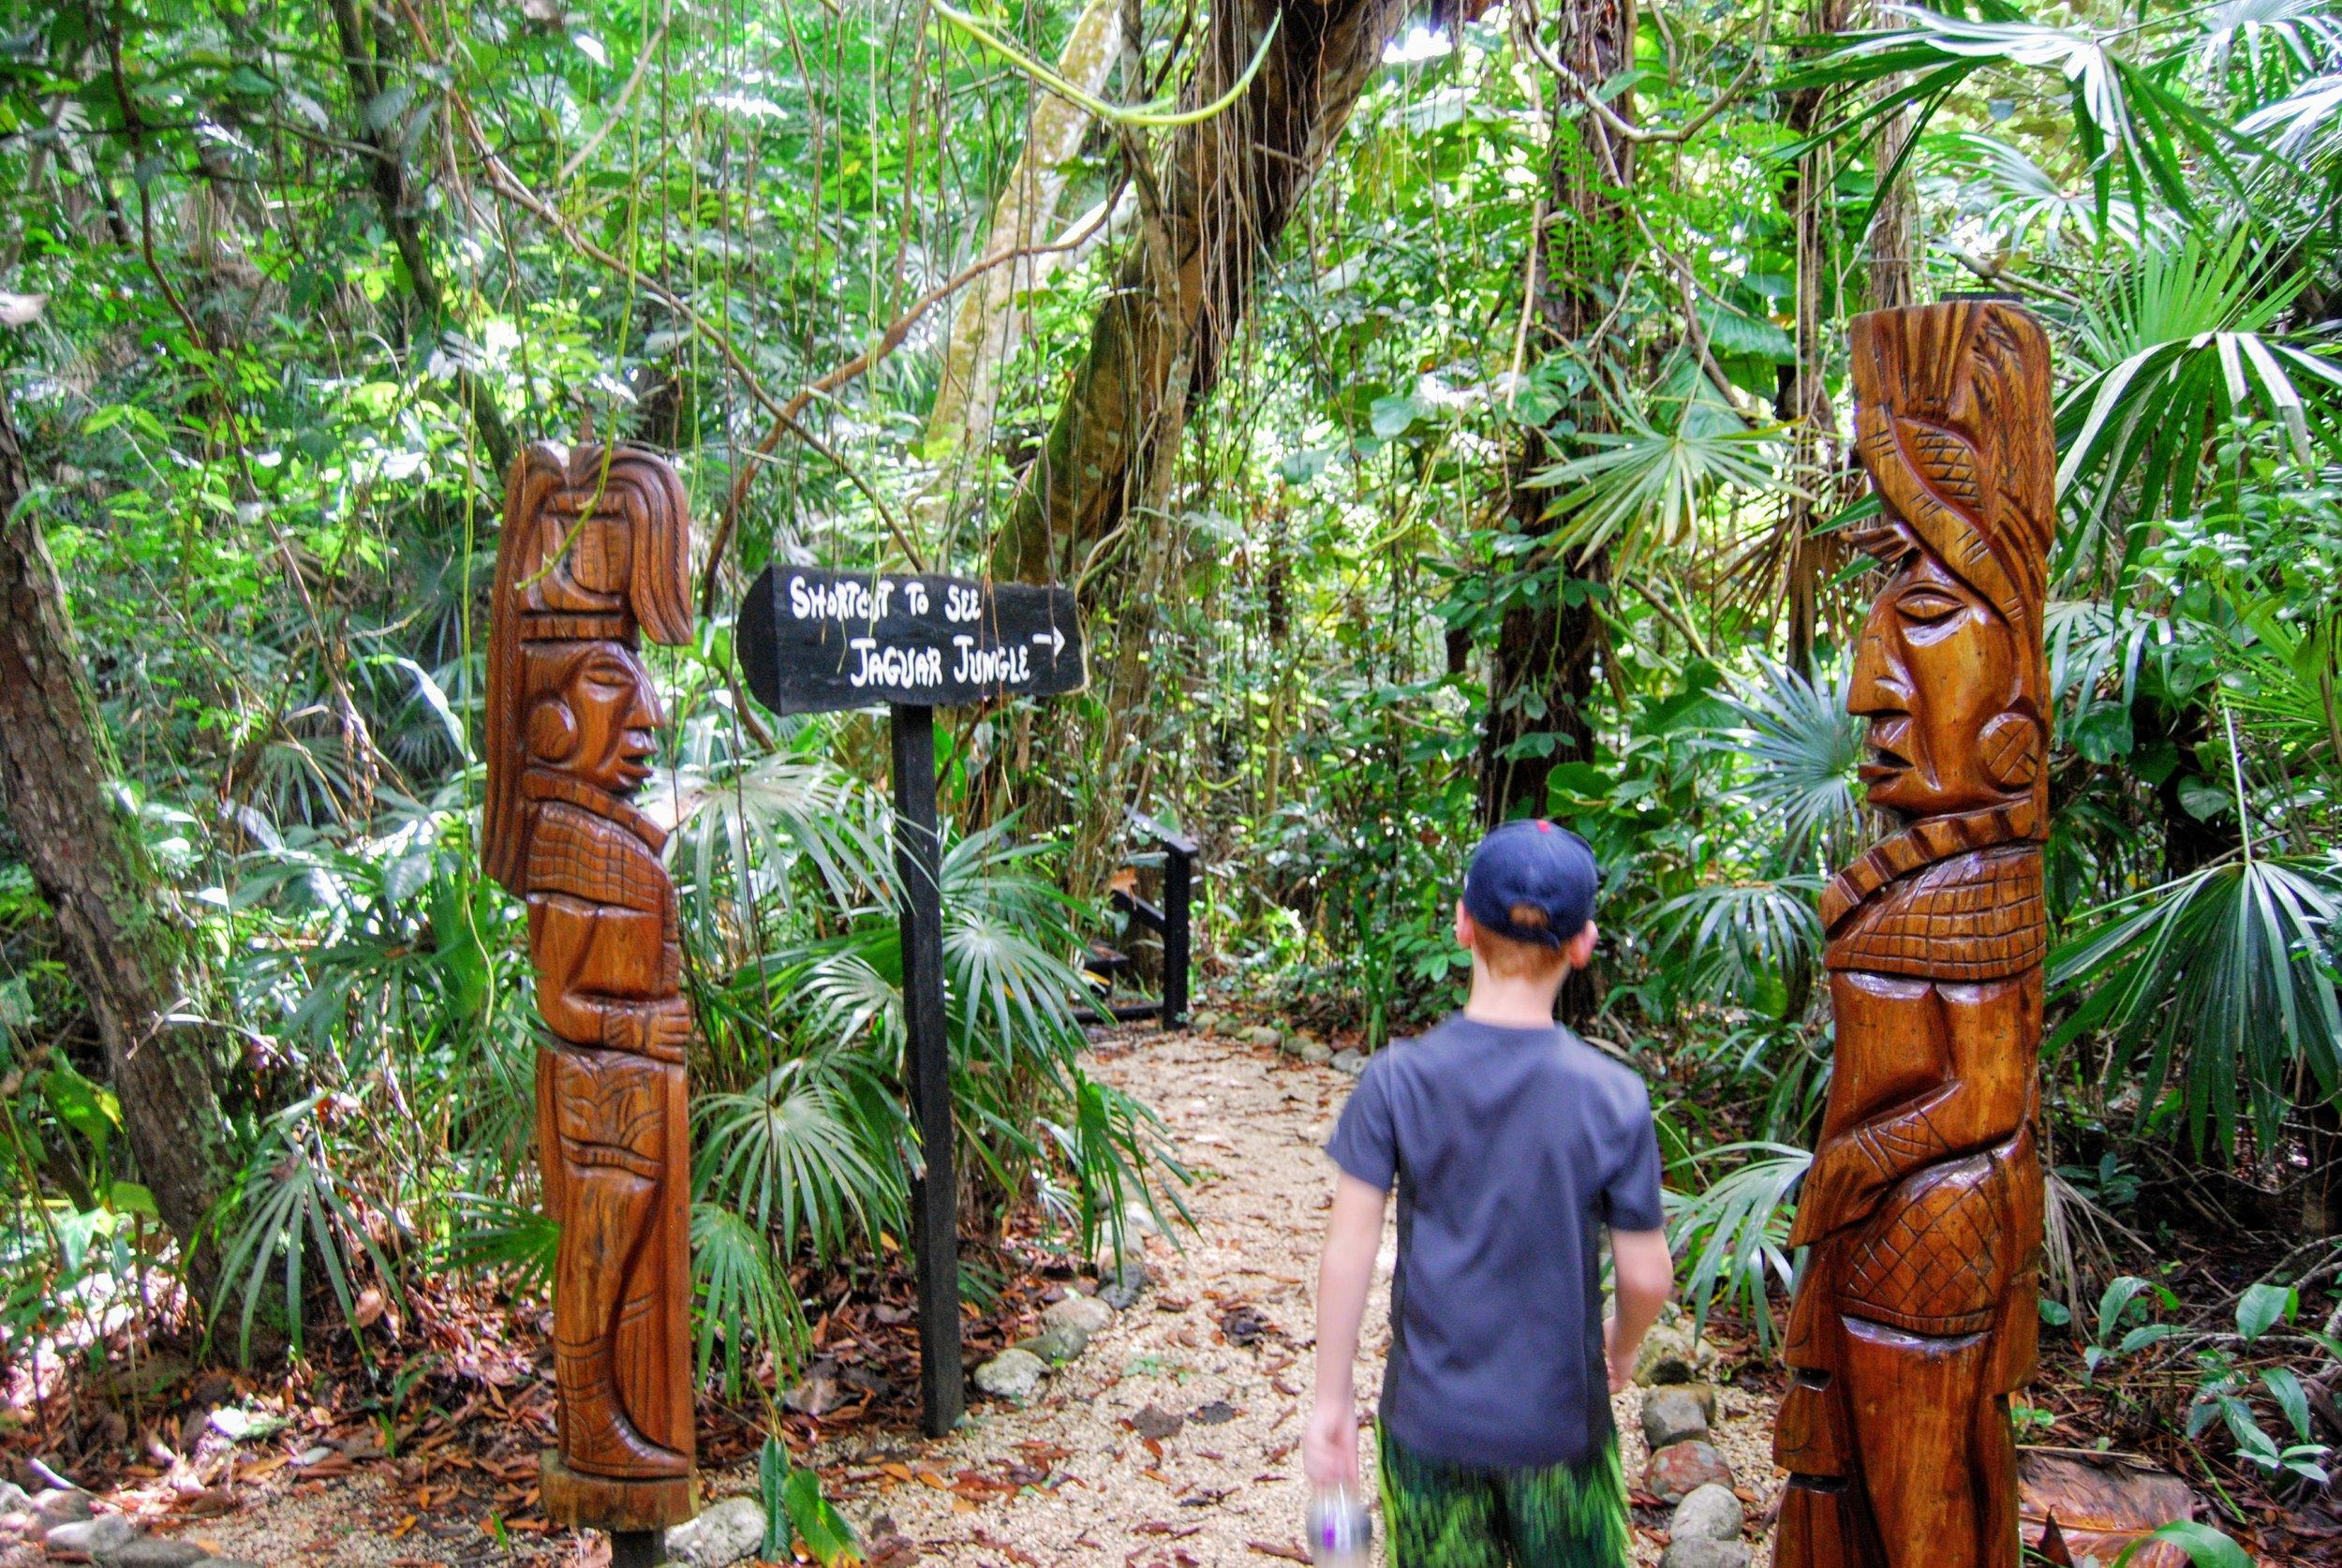 Entrance to Jaguar Jungle